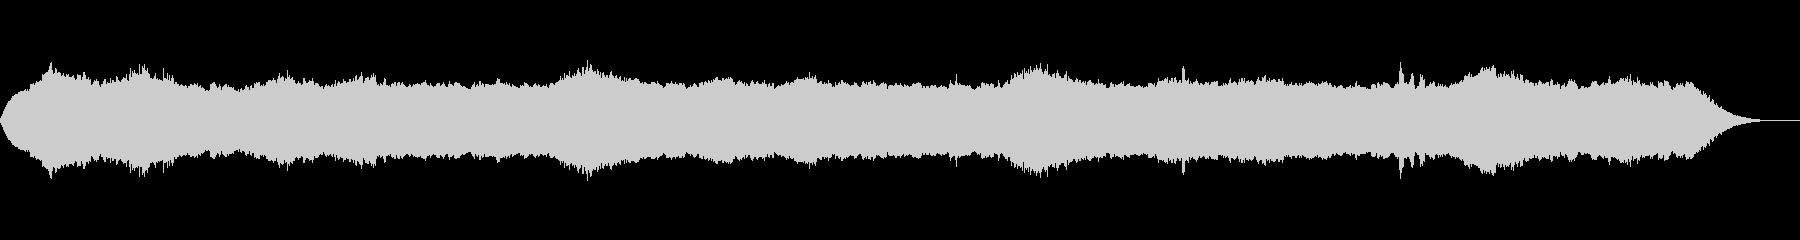 ホラー風BGMの未再生の波形